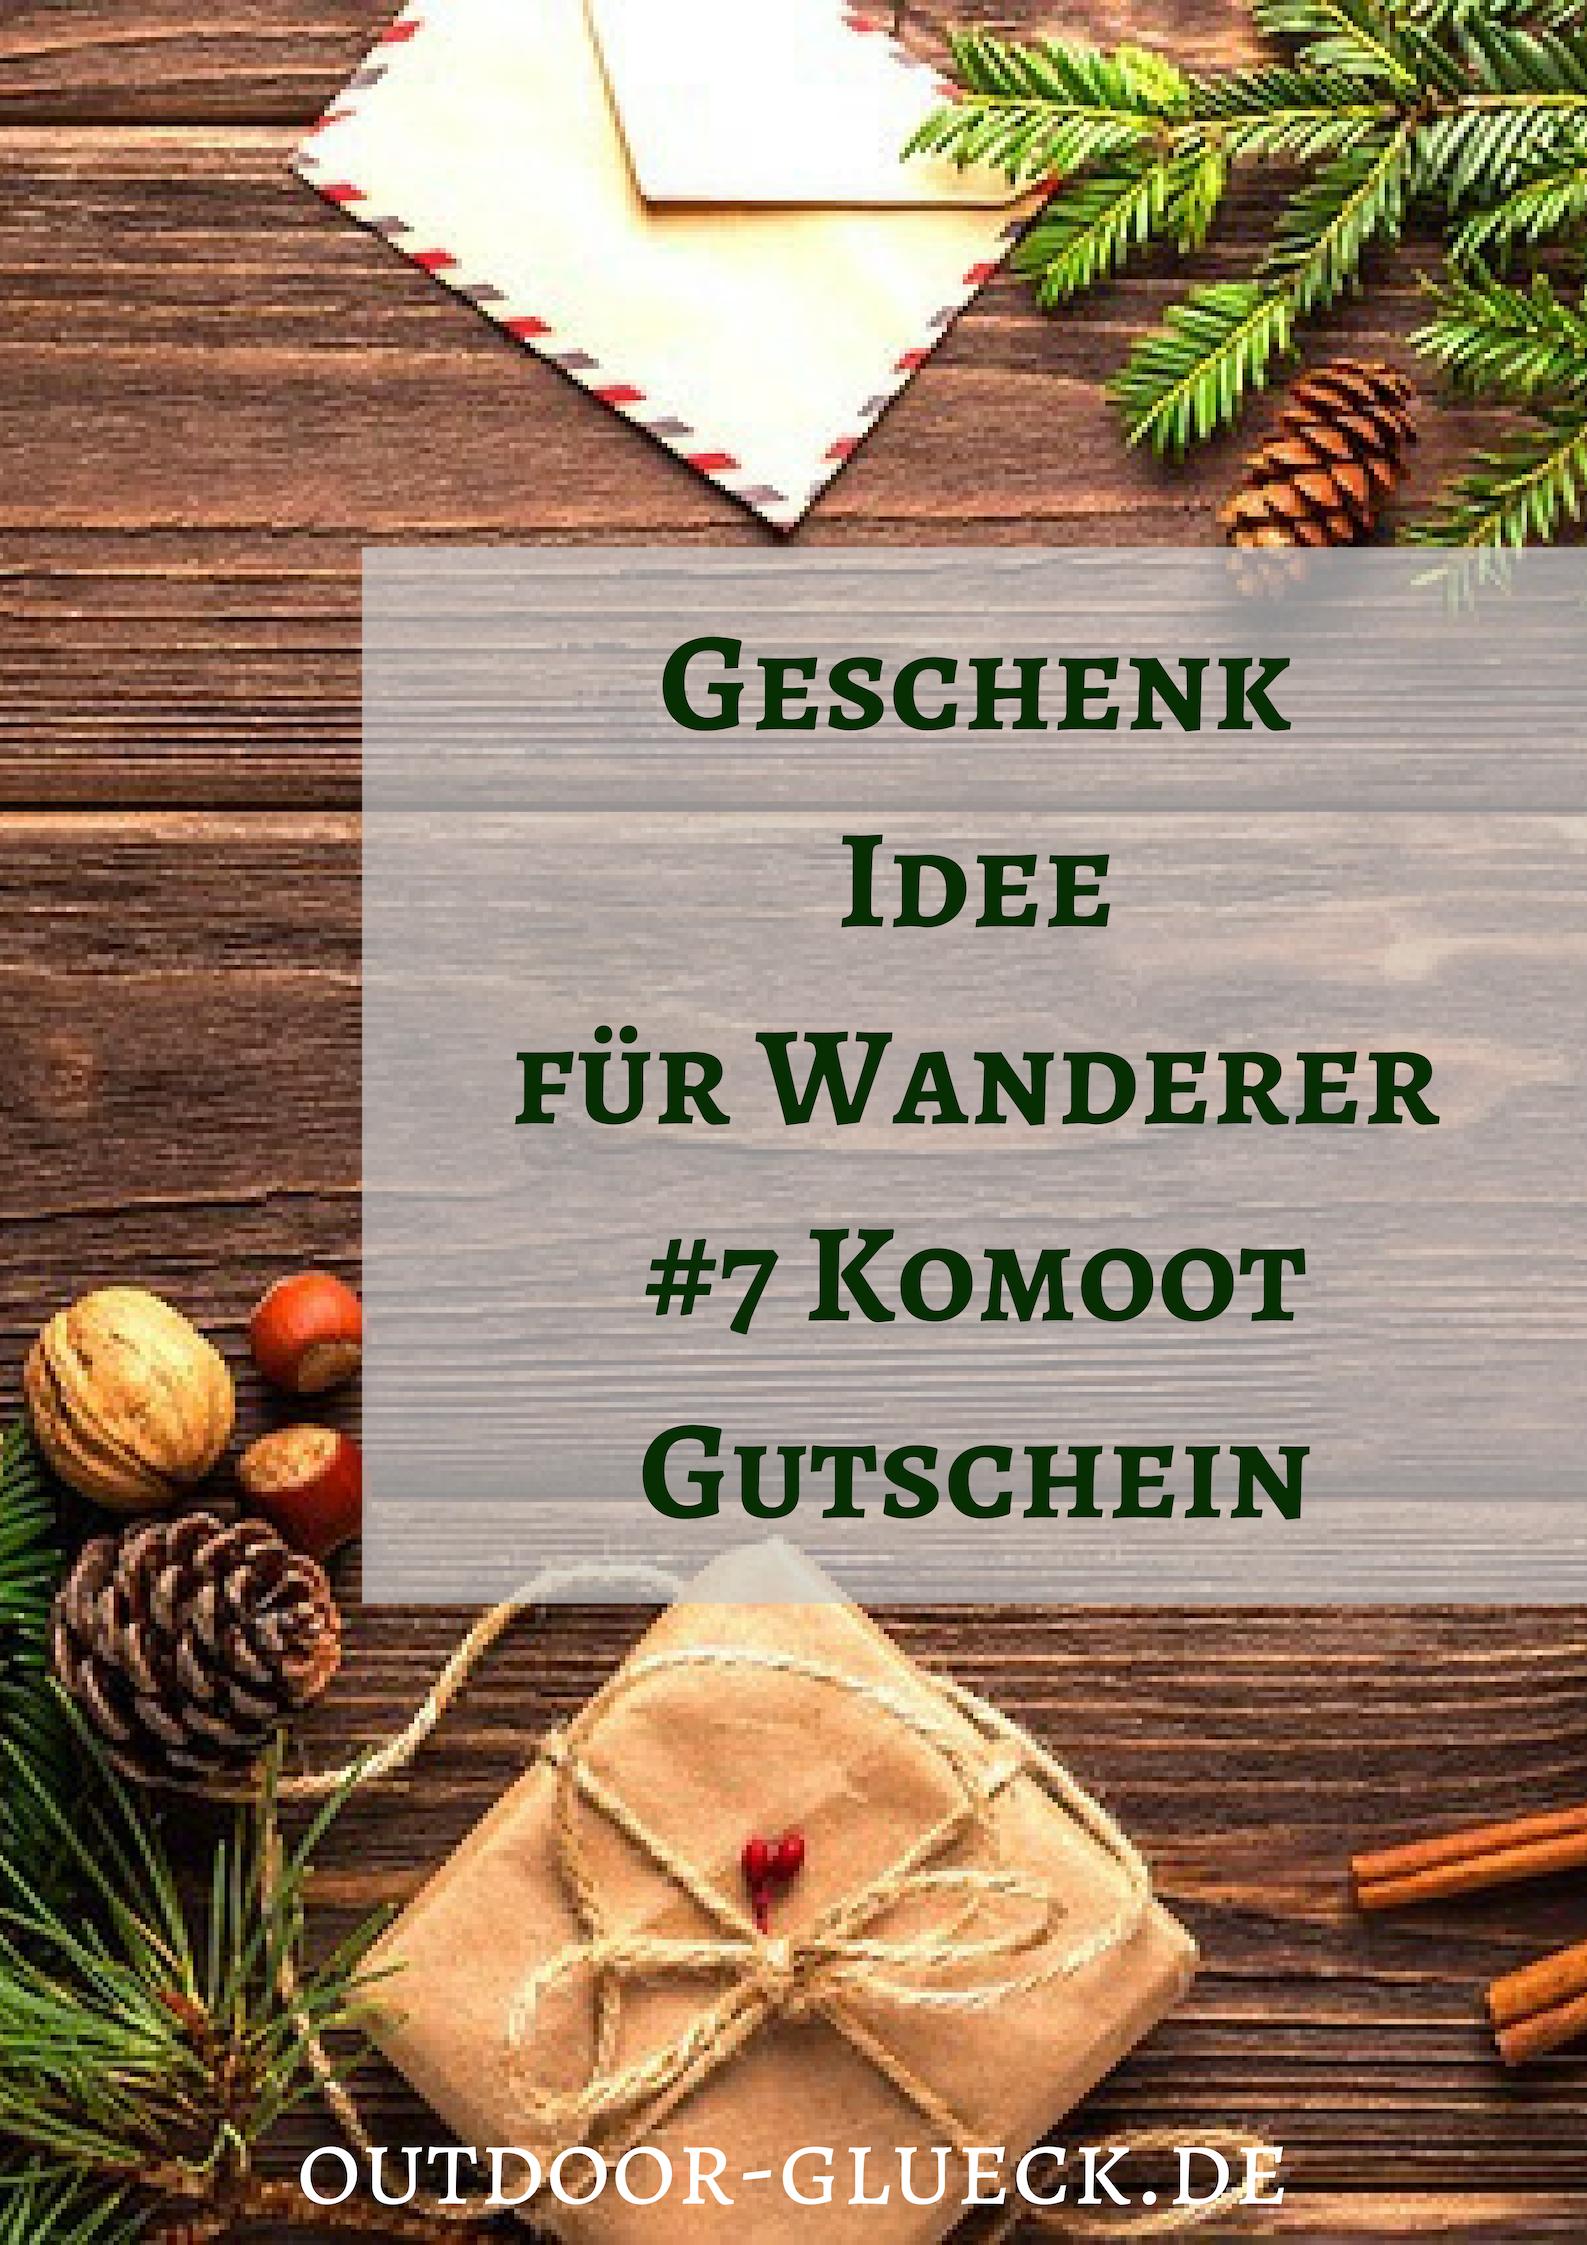 Komplett Paket Gutschein Reise Geschenke Geschenkideen Geschenke